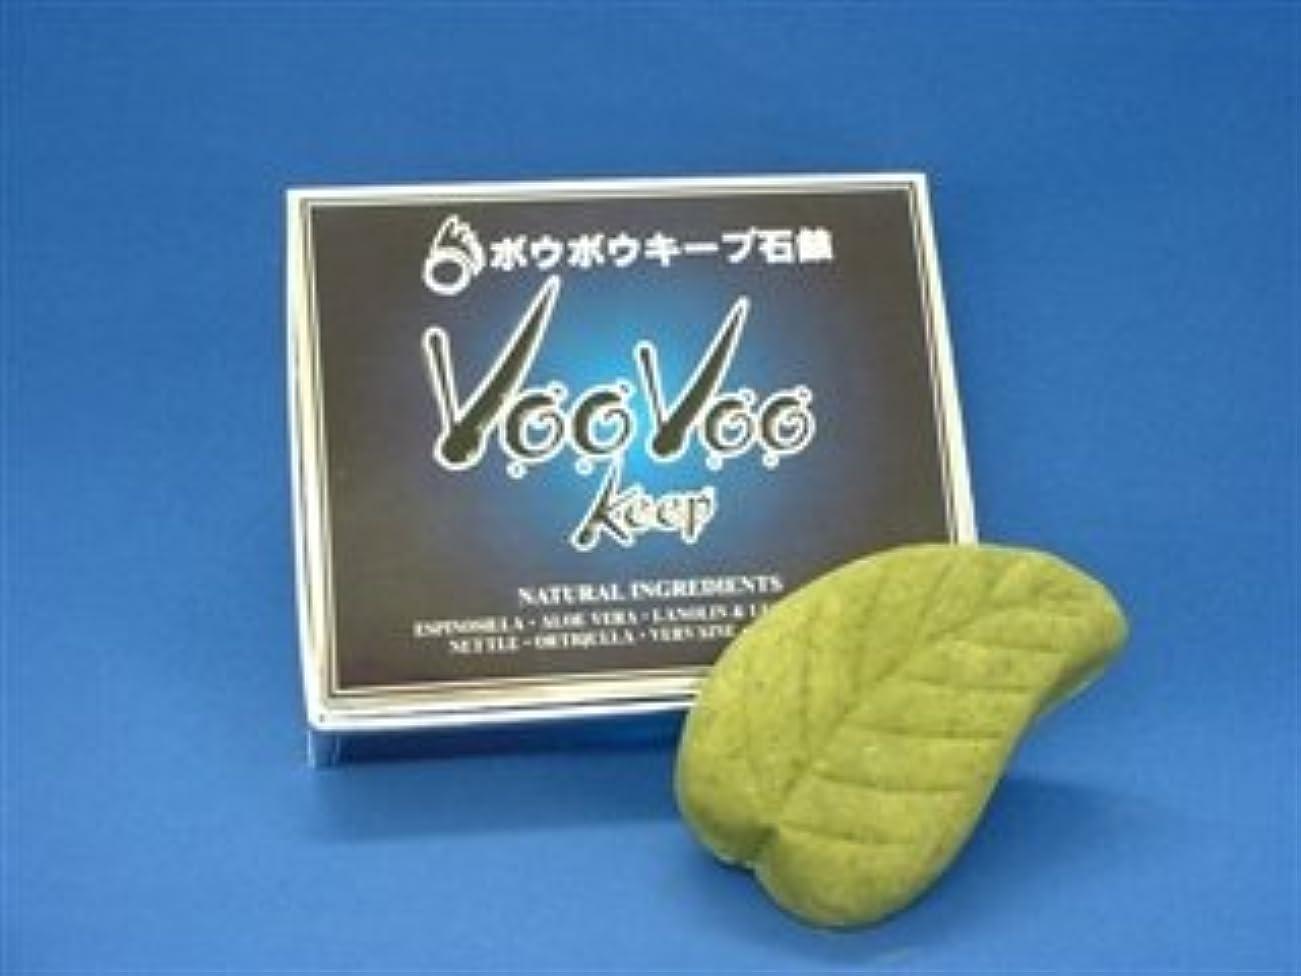 引数砂の着陸ボウボウキープ石鹸(VooVoo keep)